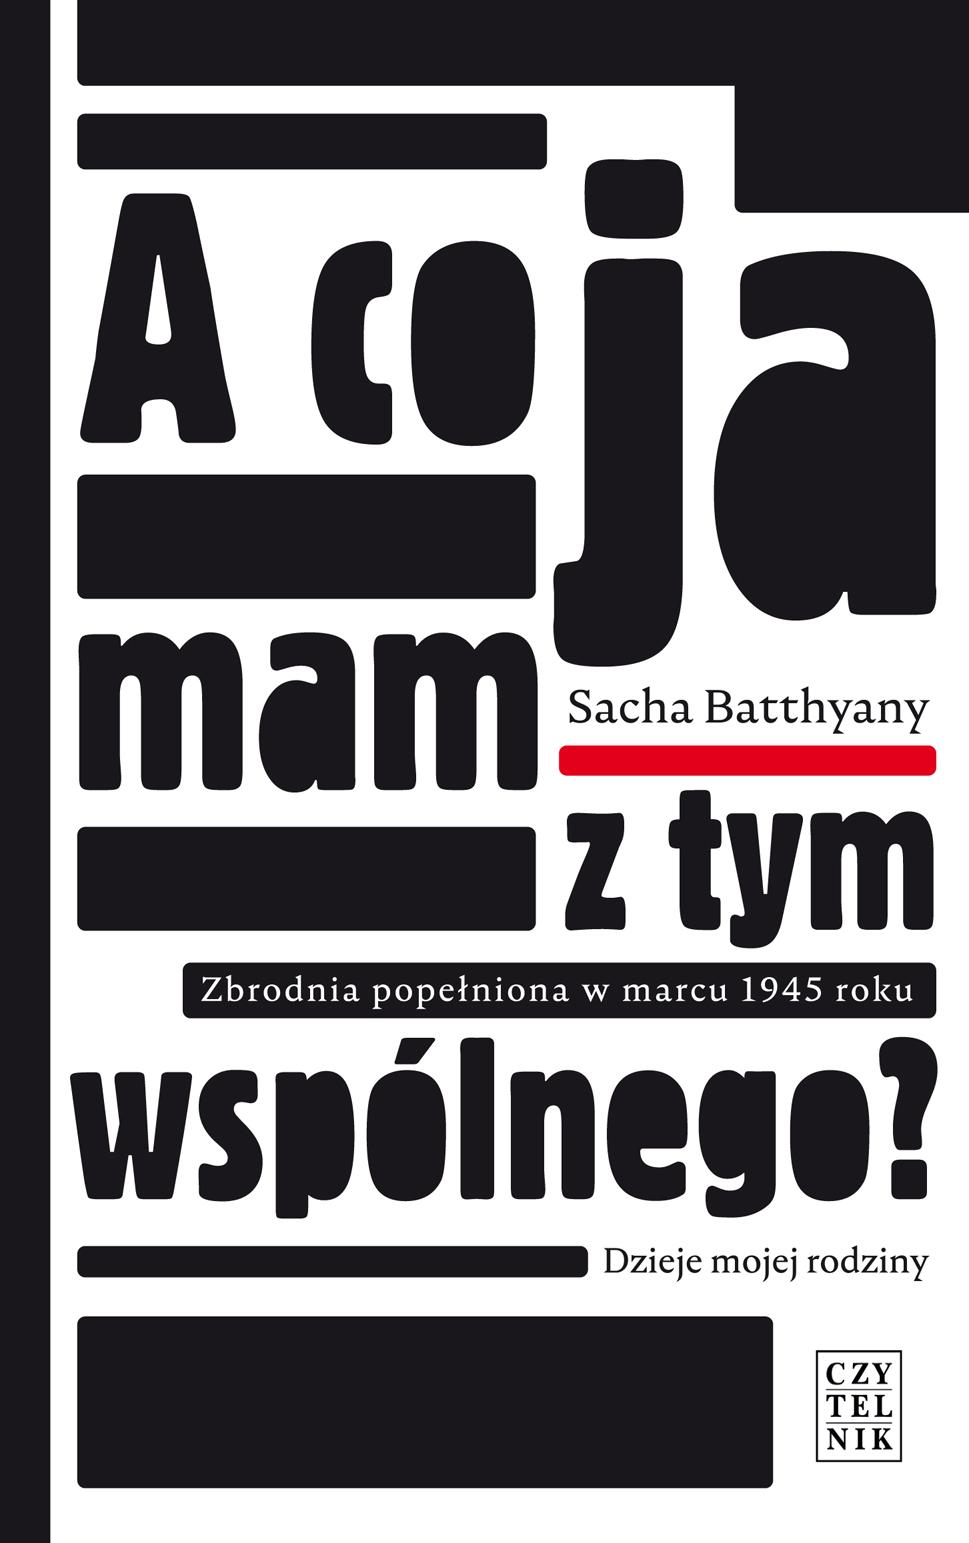 """Sacha Batthyany,""""A co ja mam z tym wspólnego? Zbrodnia popełniona w marcu 1945. Dzieje mojej rodziny"""" – okładka (źródło: materiały prasowe wydawcy)"""